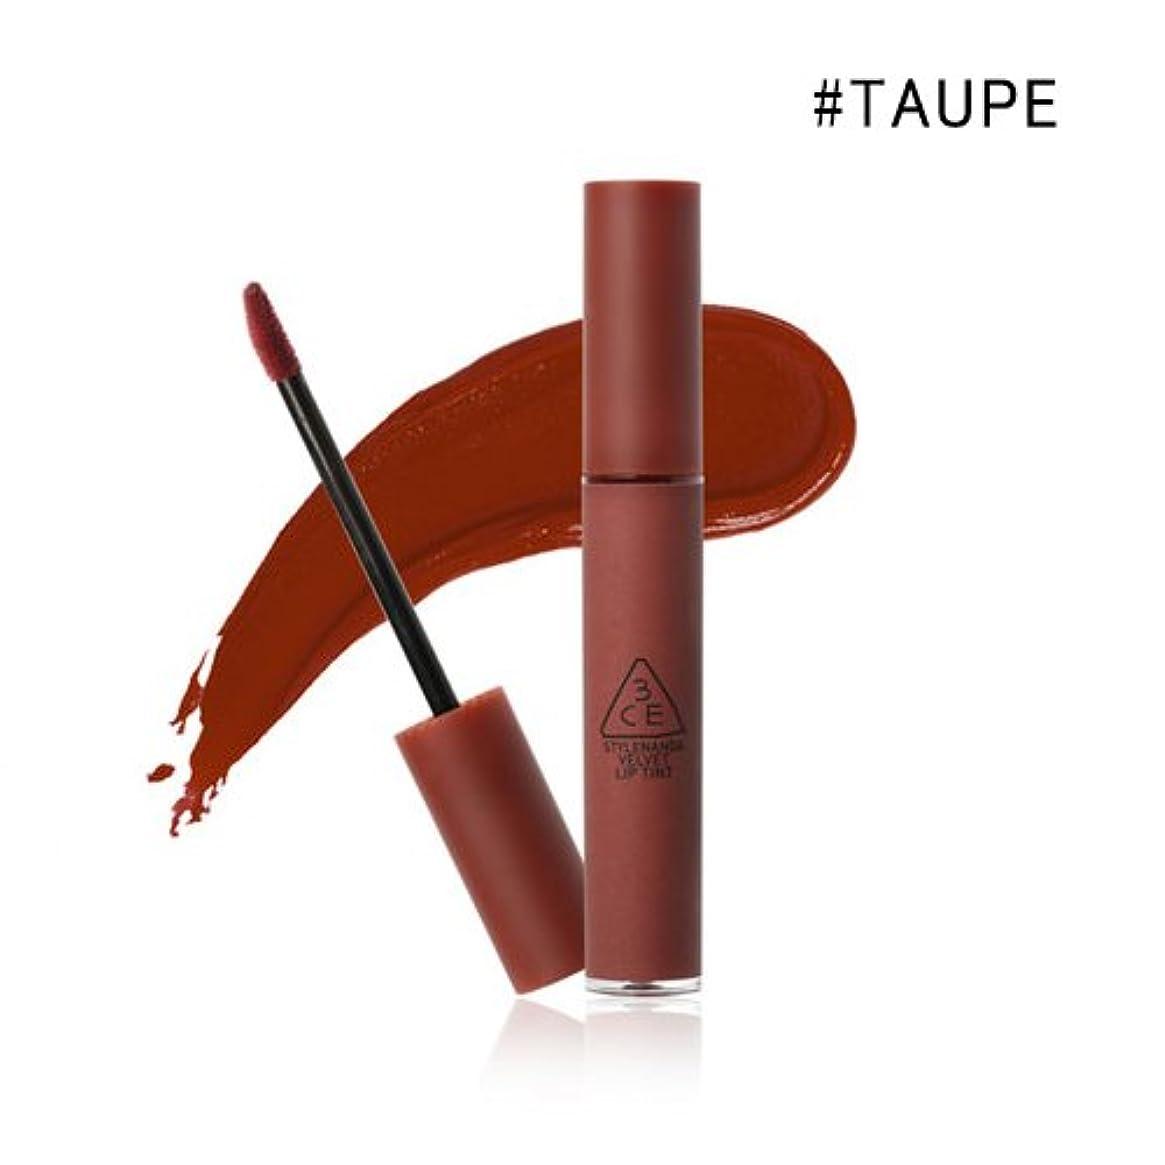 光宅配便レイプ3CE VELVET LIP TINT / ベルベット リップティント (4.0g) (#TAUPE)